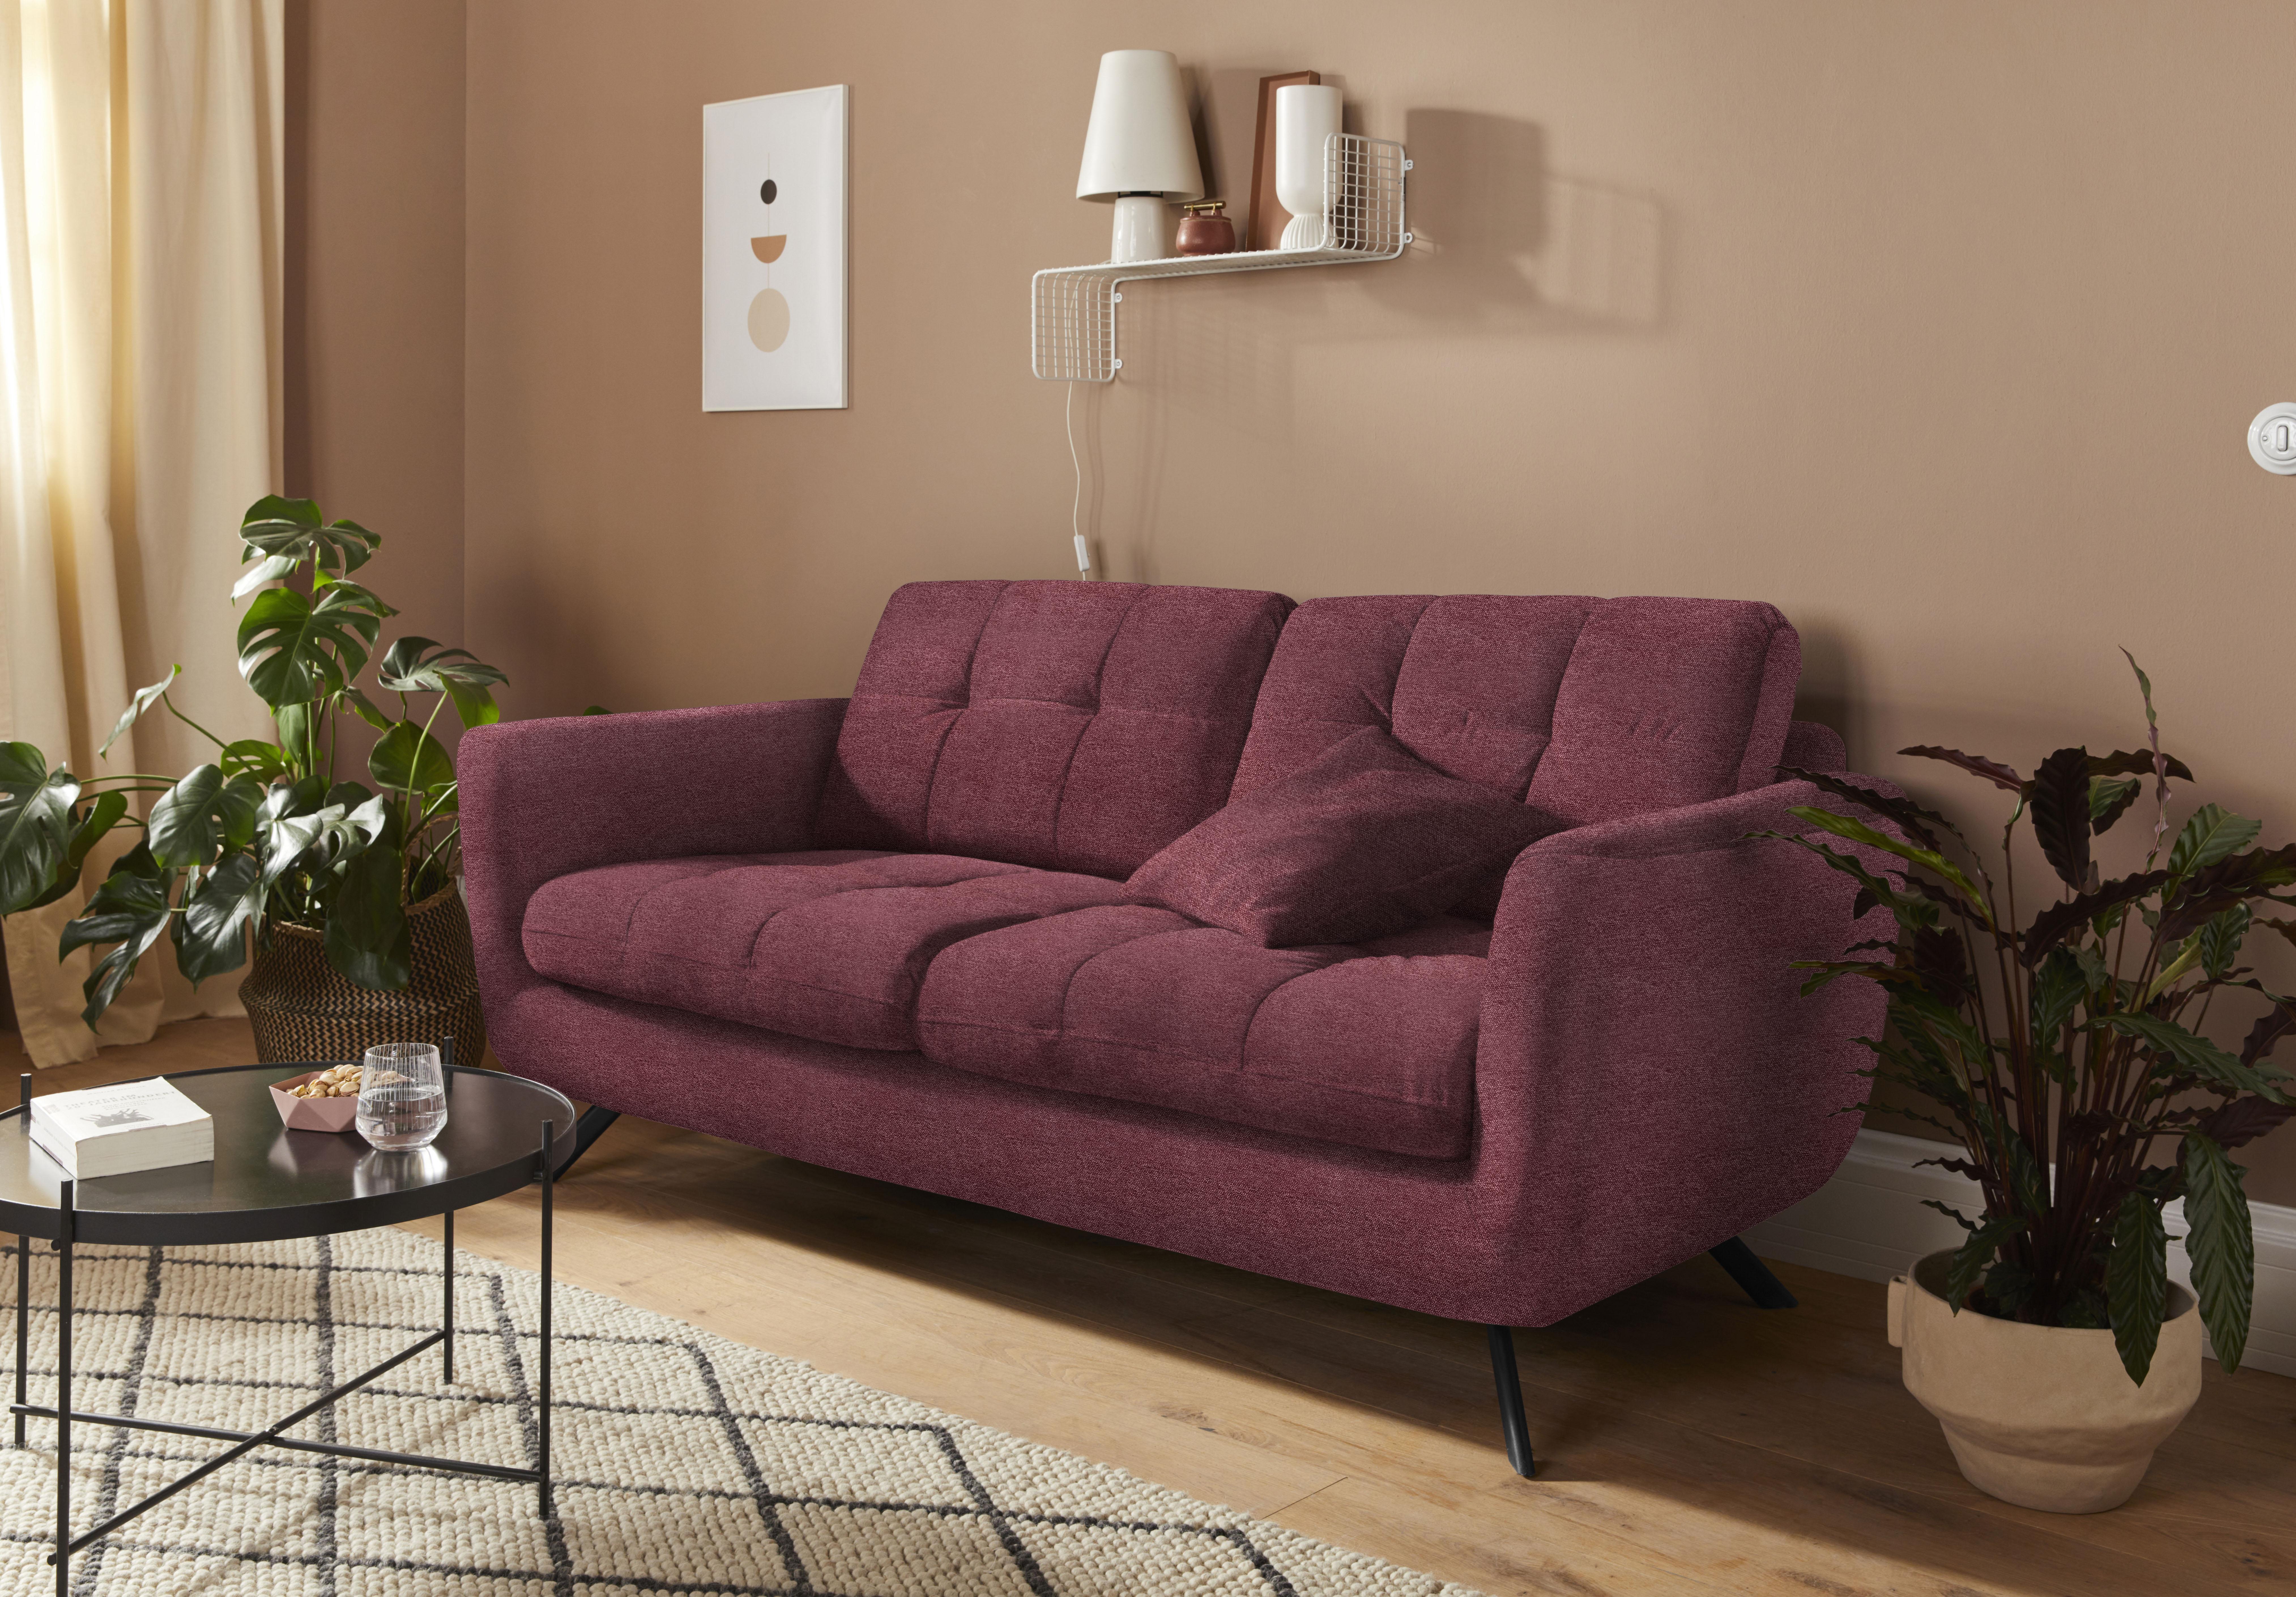 Mr. Couch 2,5-Sitzer »Hailey«, 5 Jahre Hersteller-Garantie auf Kaltschaumpo günstig online kaufen